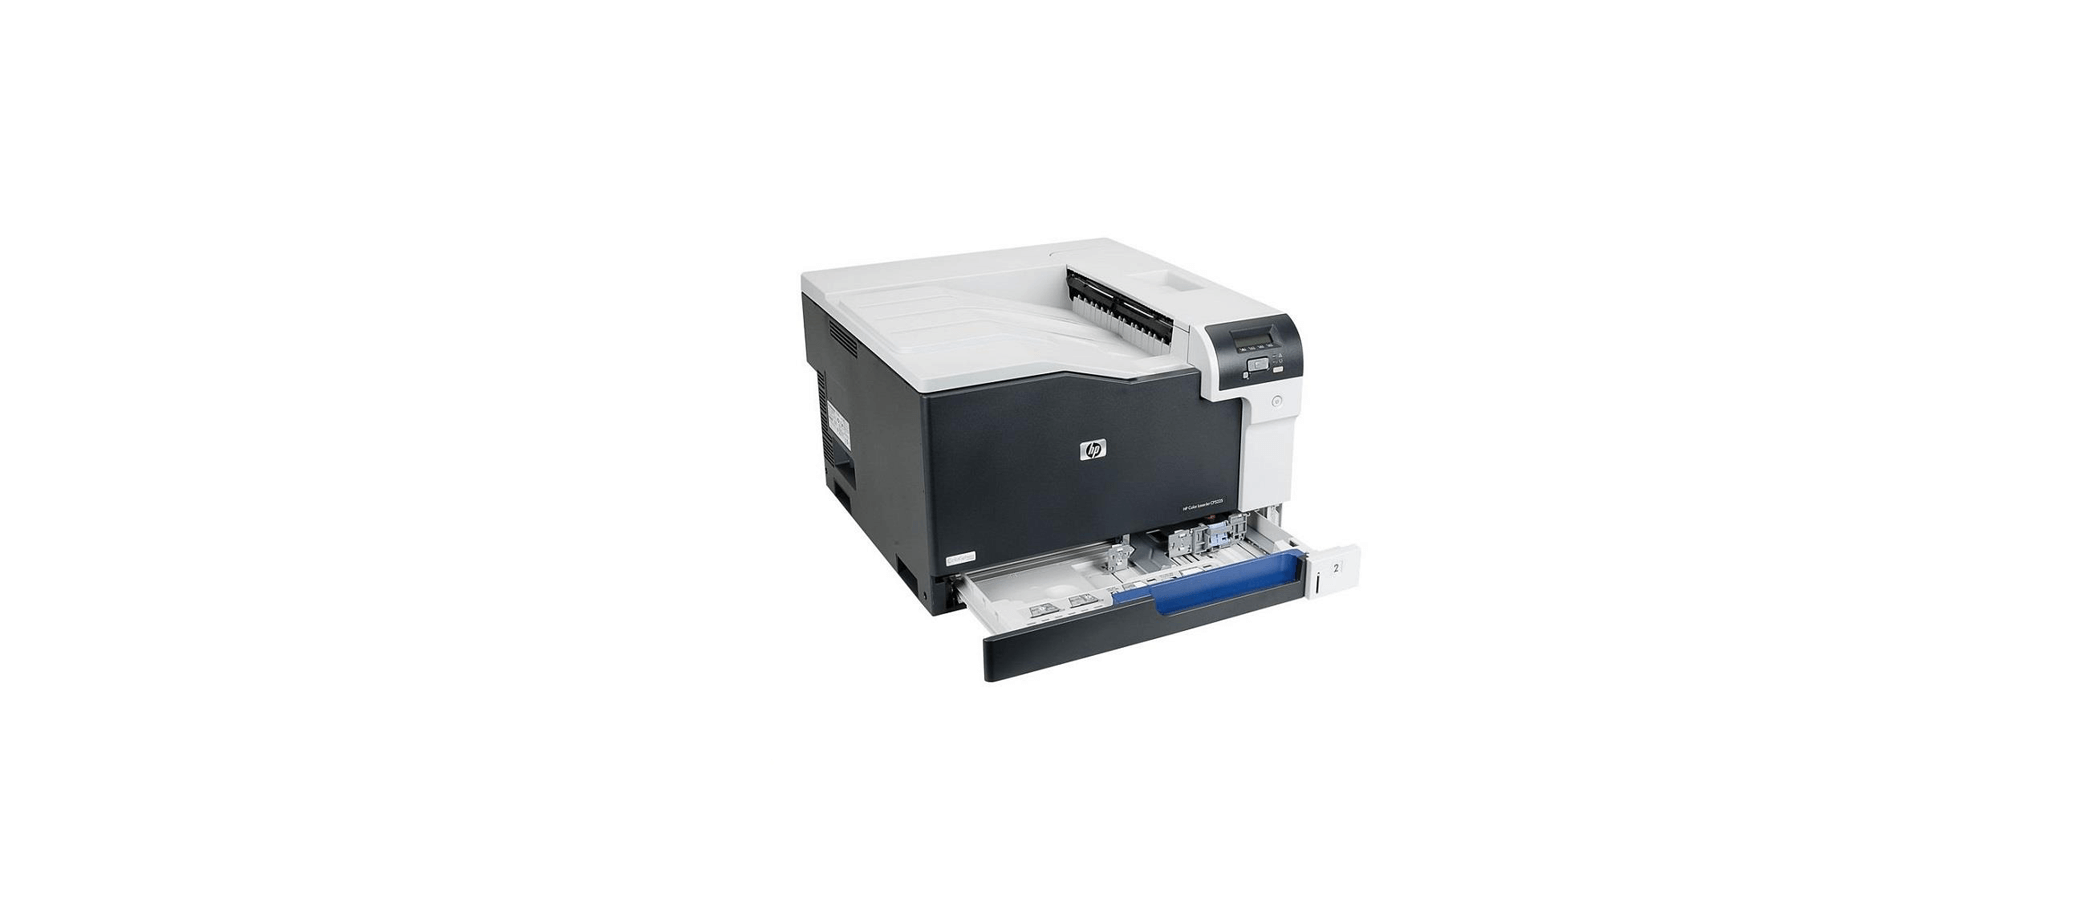 پرینتر اچ پی مدل CP5225dn